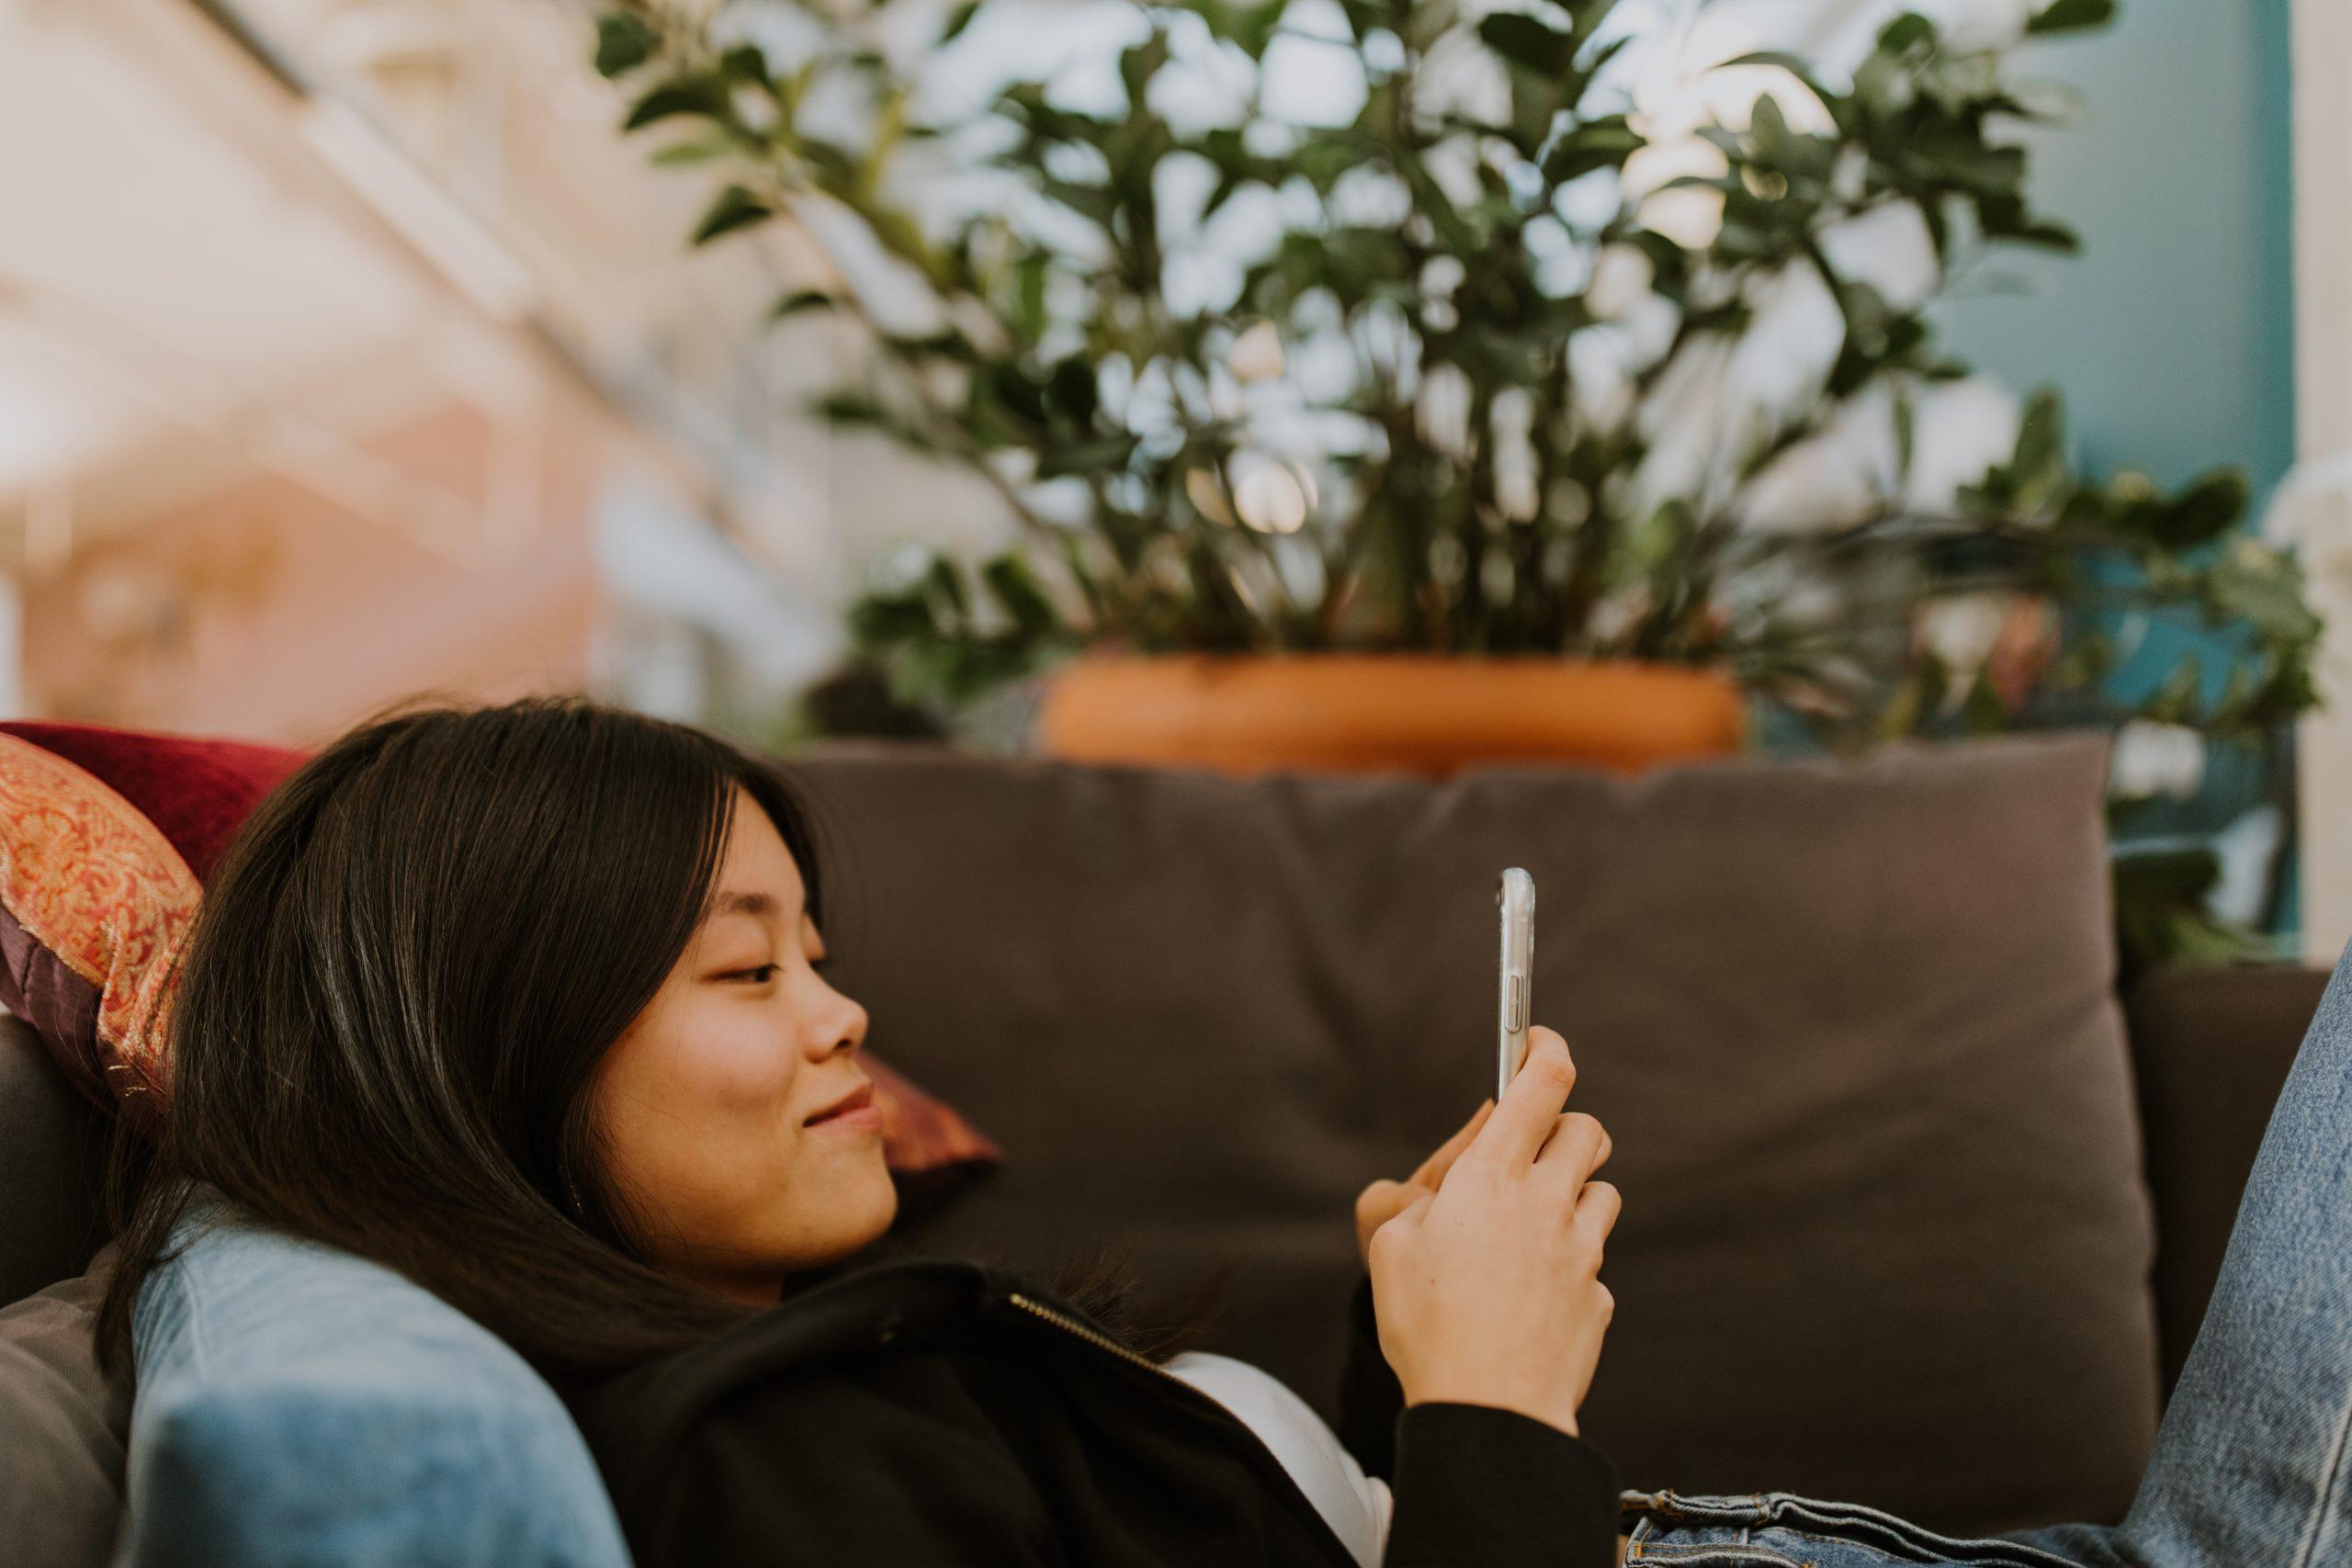 Flicka ligger i en soffa och tittar på en mobil